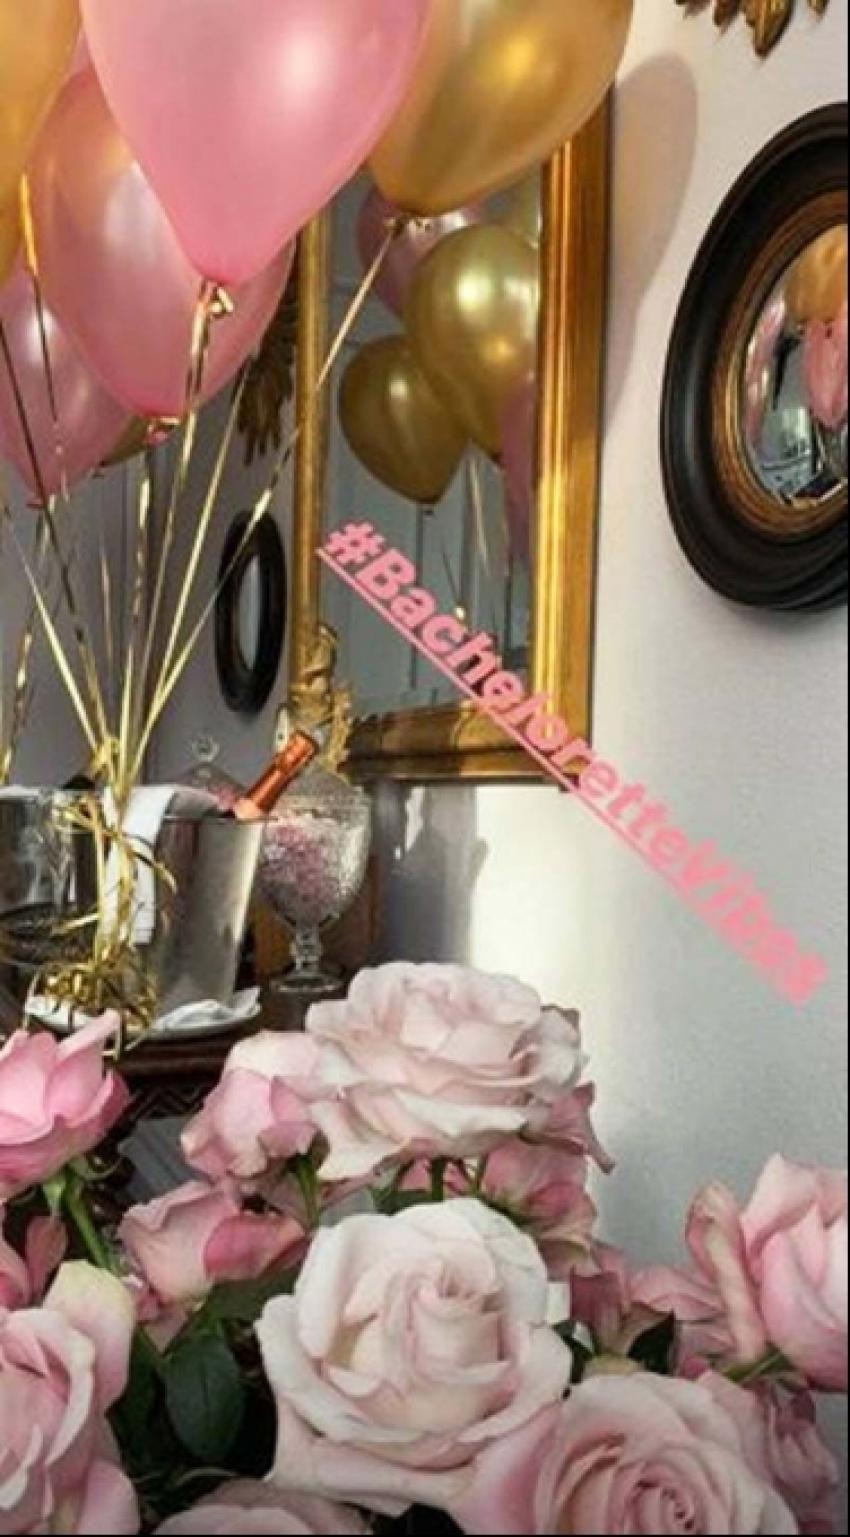 Priyanka Chopra's Fun Bachelorette Party Photos